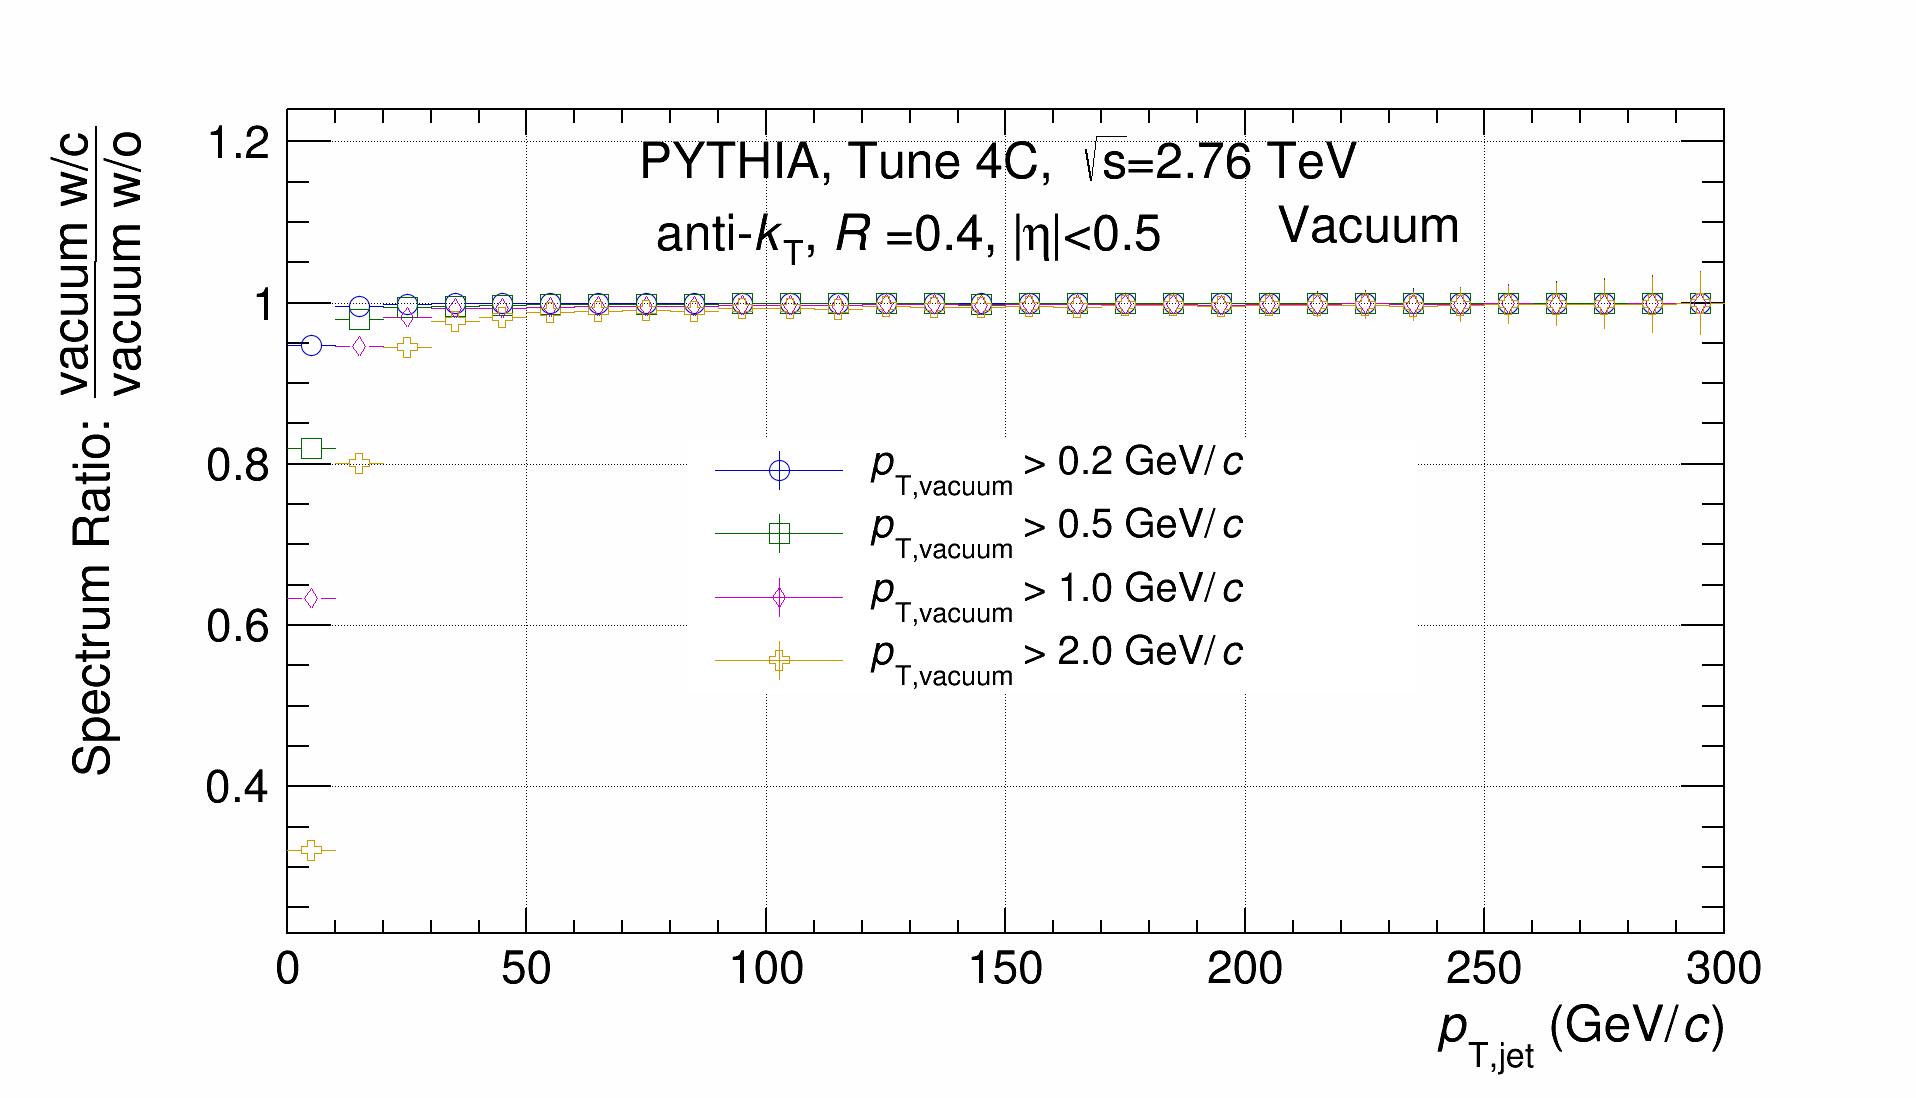 Vacuum_Spectrum_Ratio.png